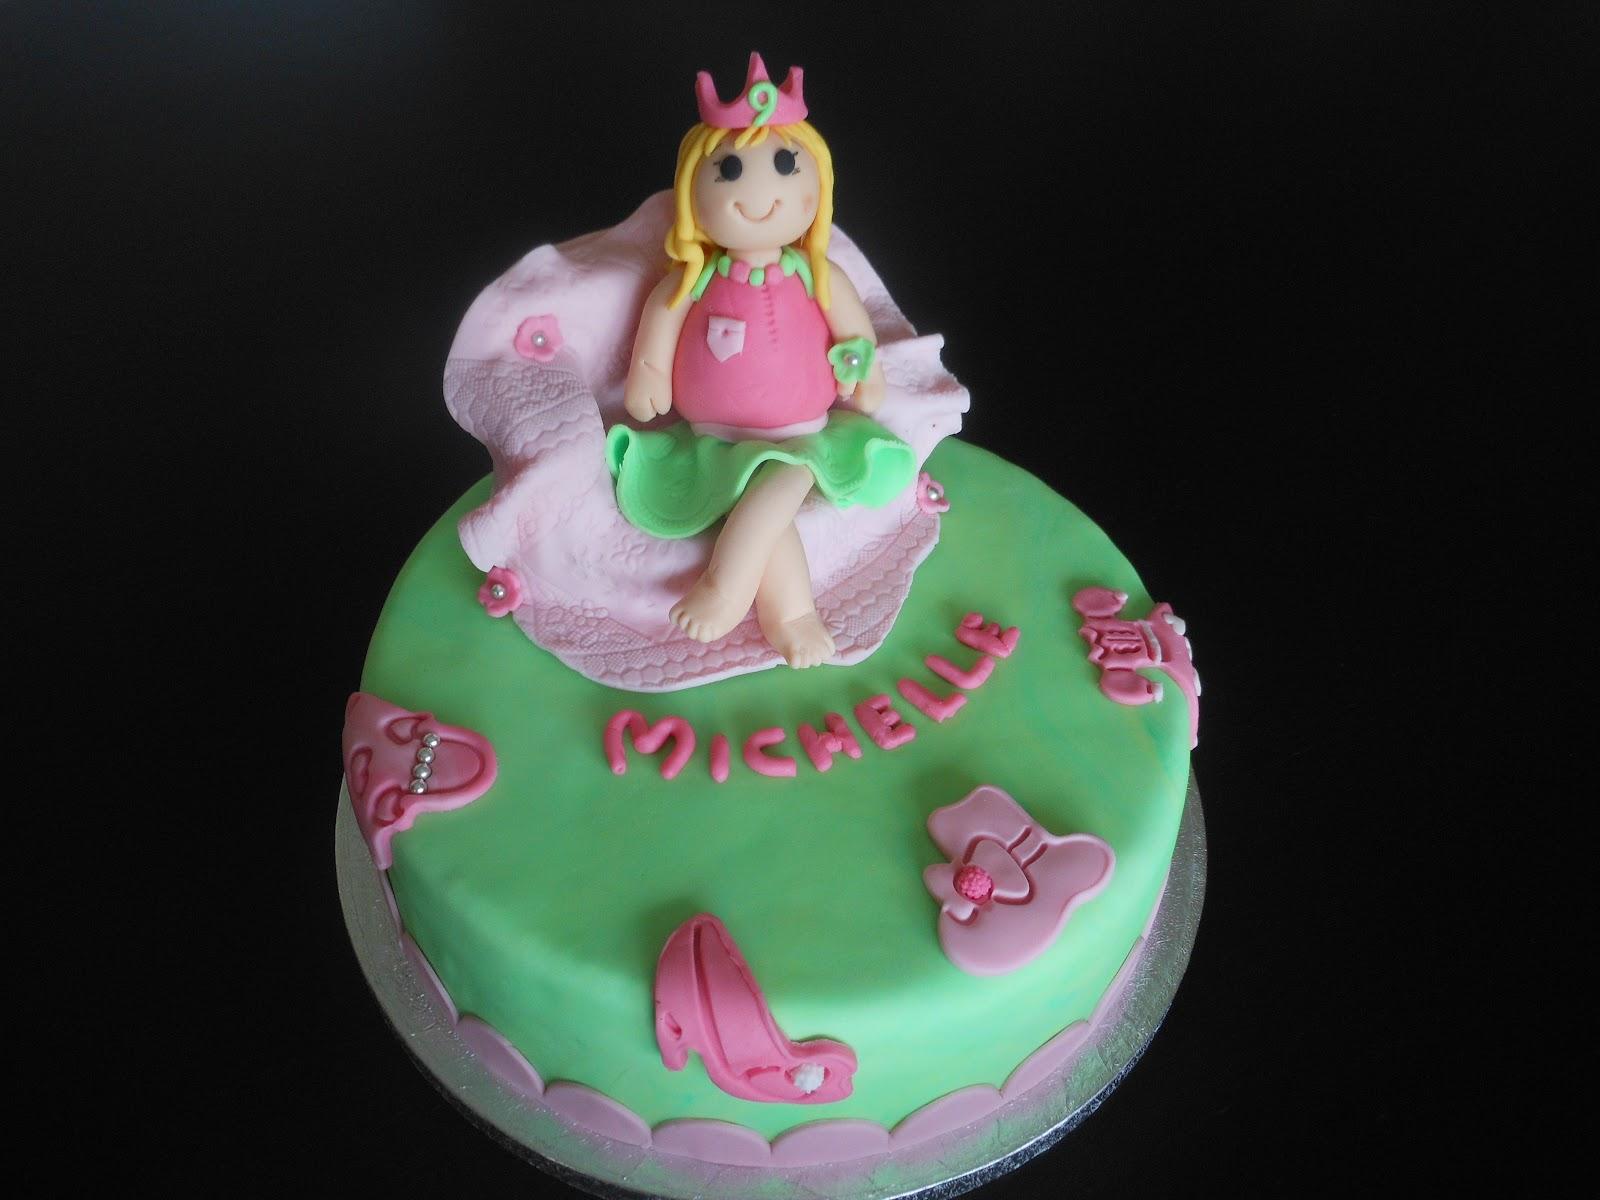 Top Dolci Spignatti: Buon Compleanno Michelle IH55